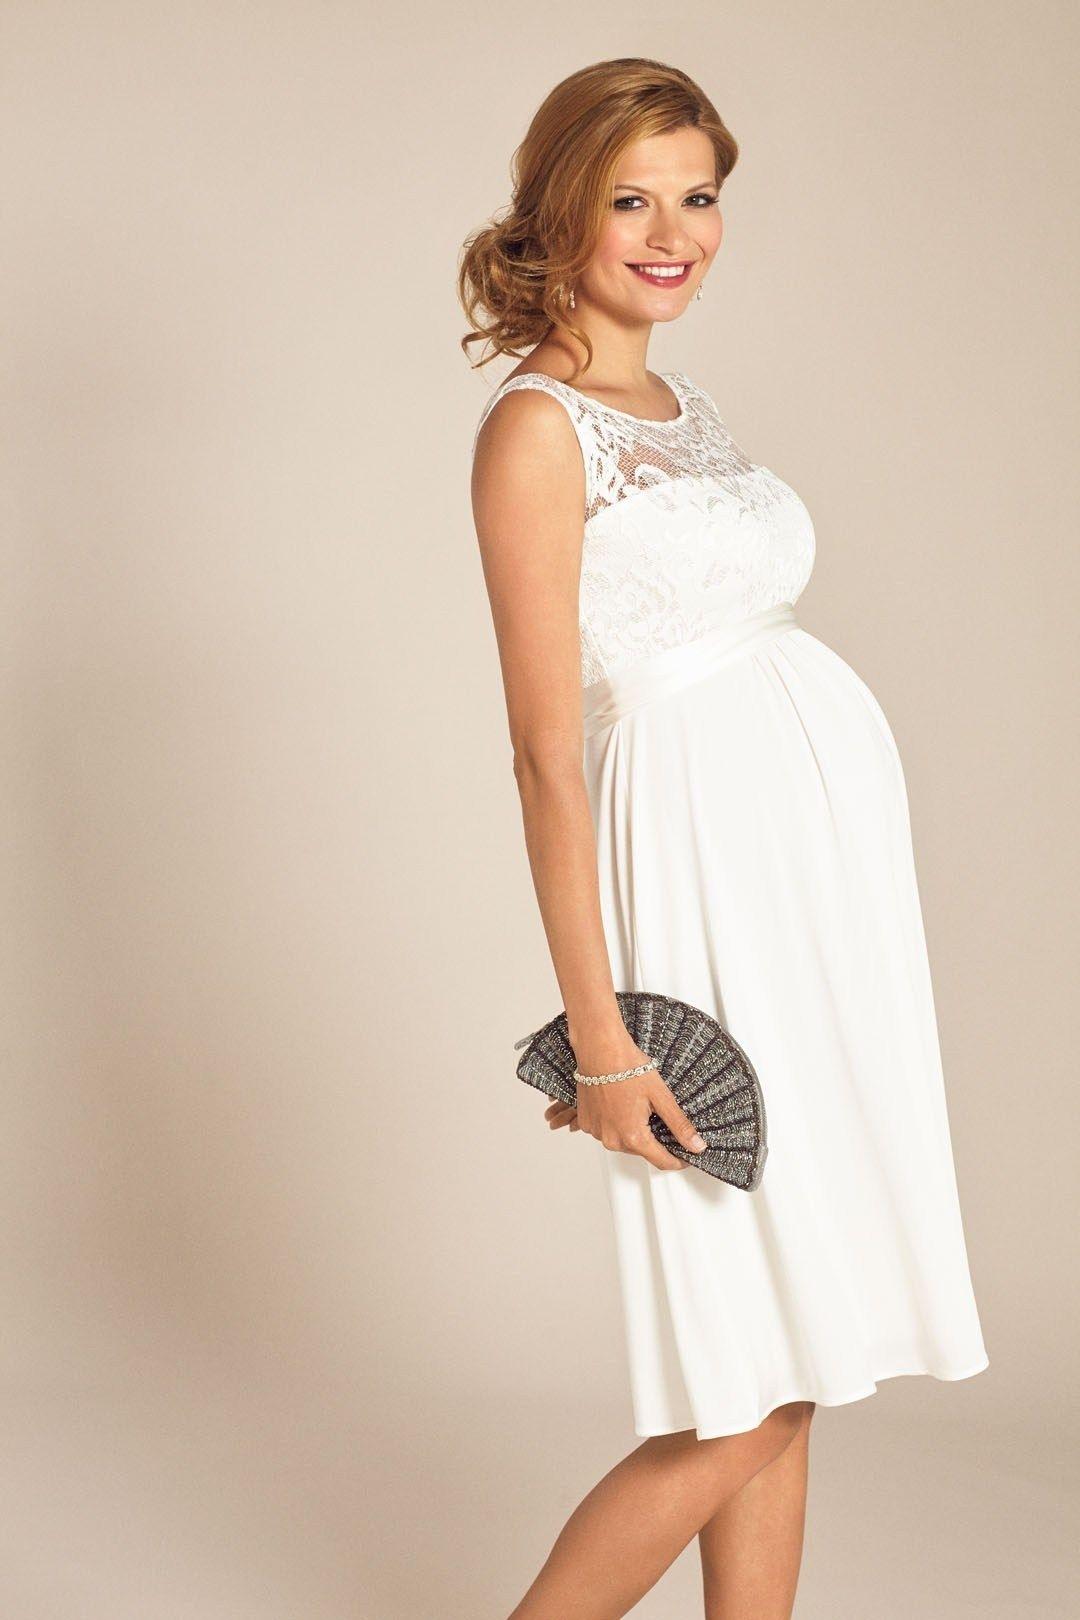 formal schön brautkleider für schwangere bester preis